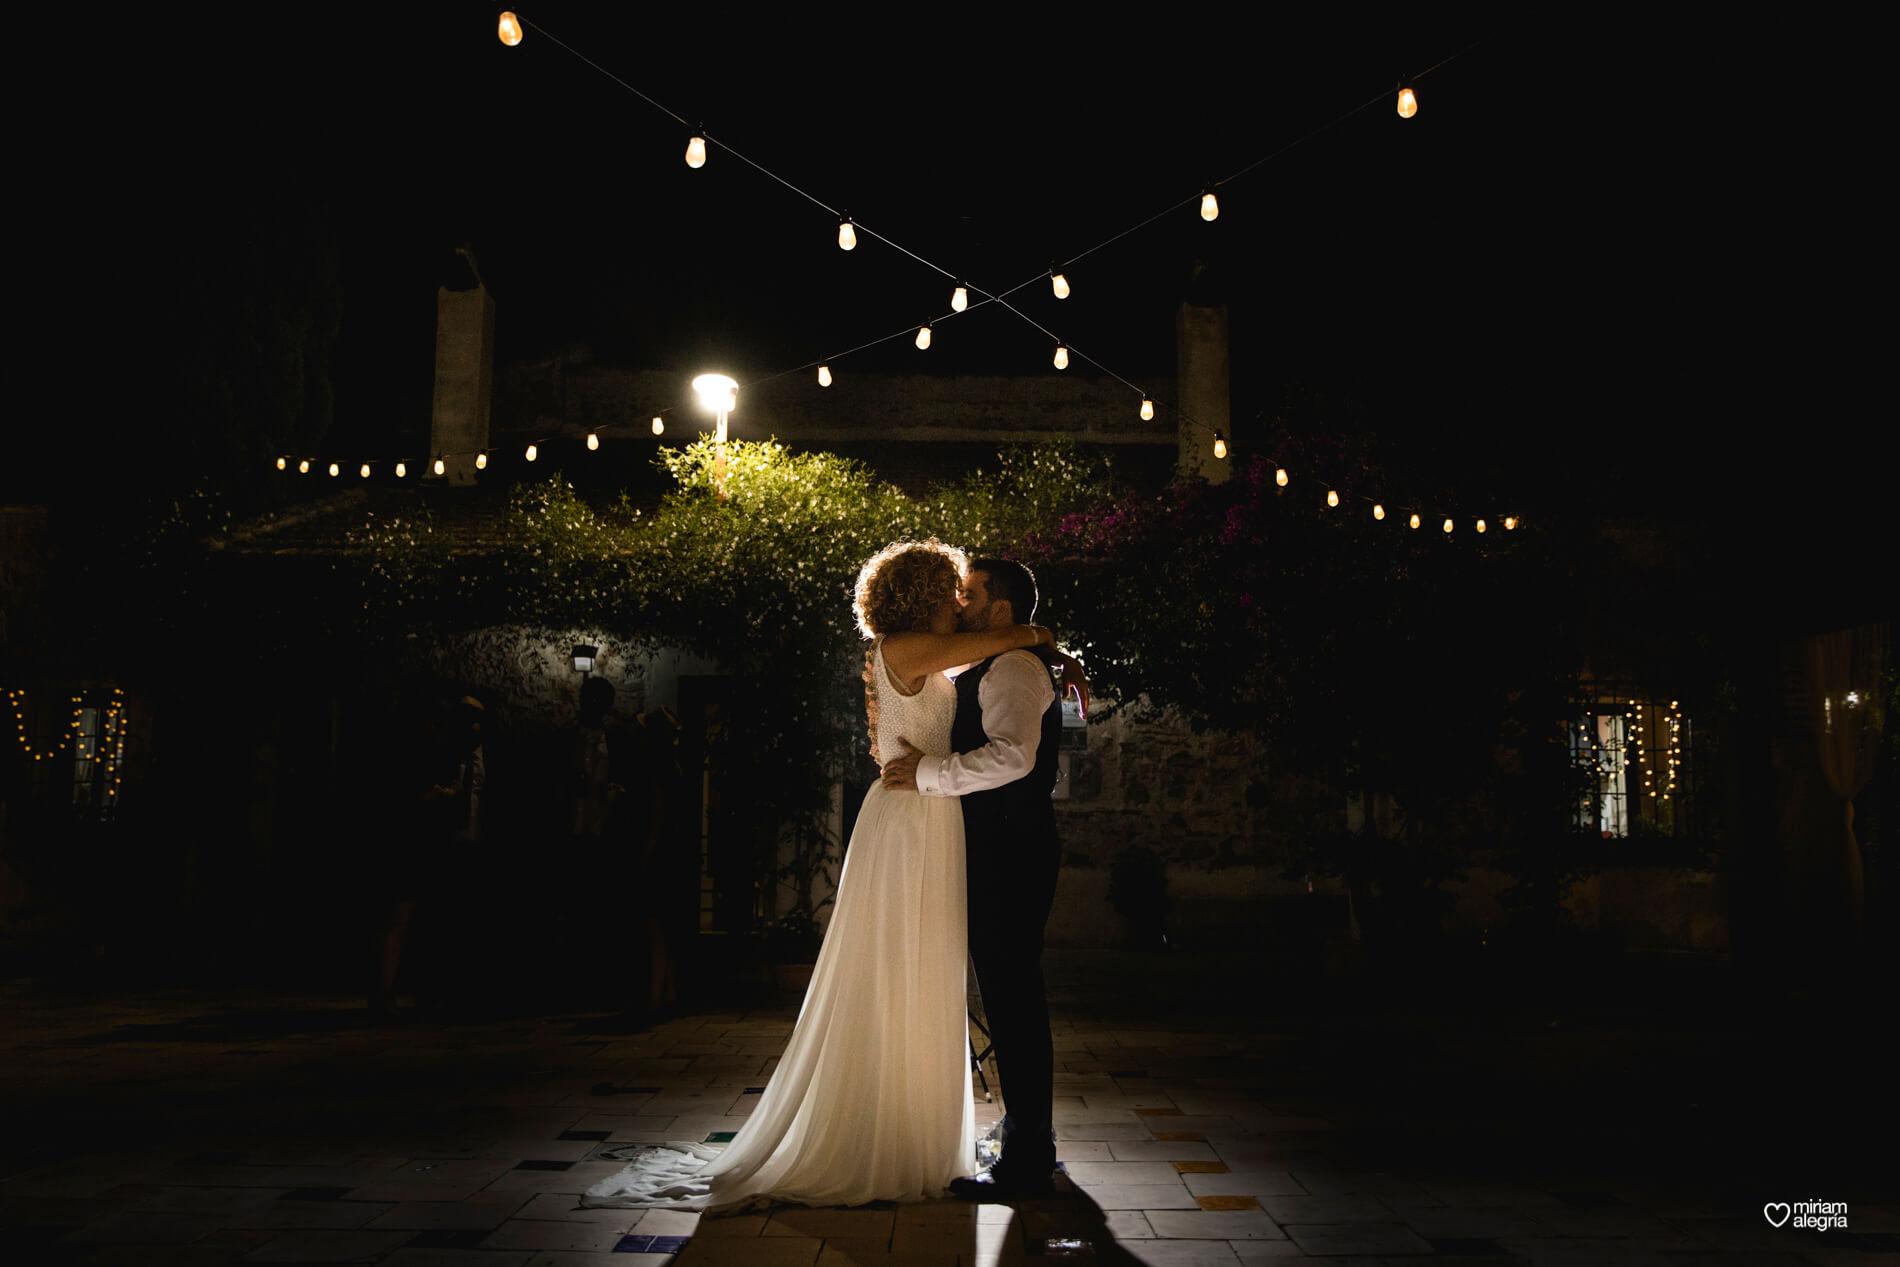 boda-en-finca-la-carrasca-miriam-alegria-148